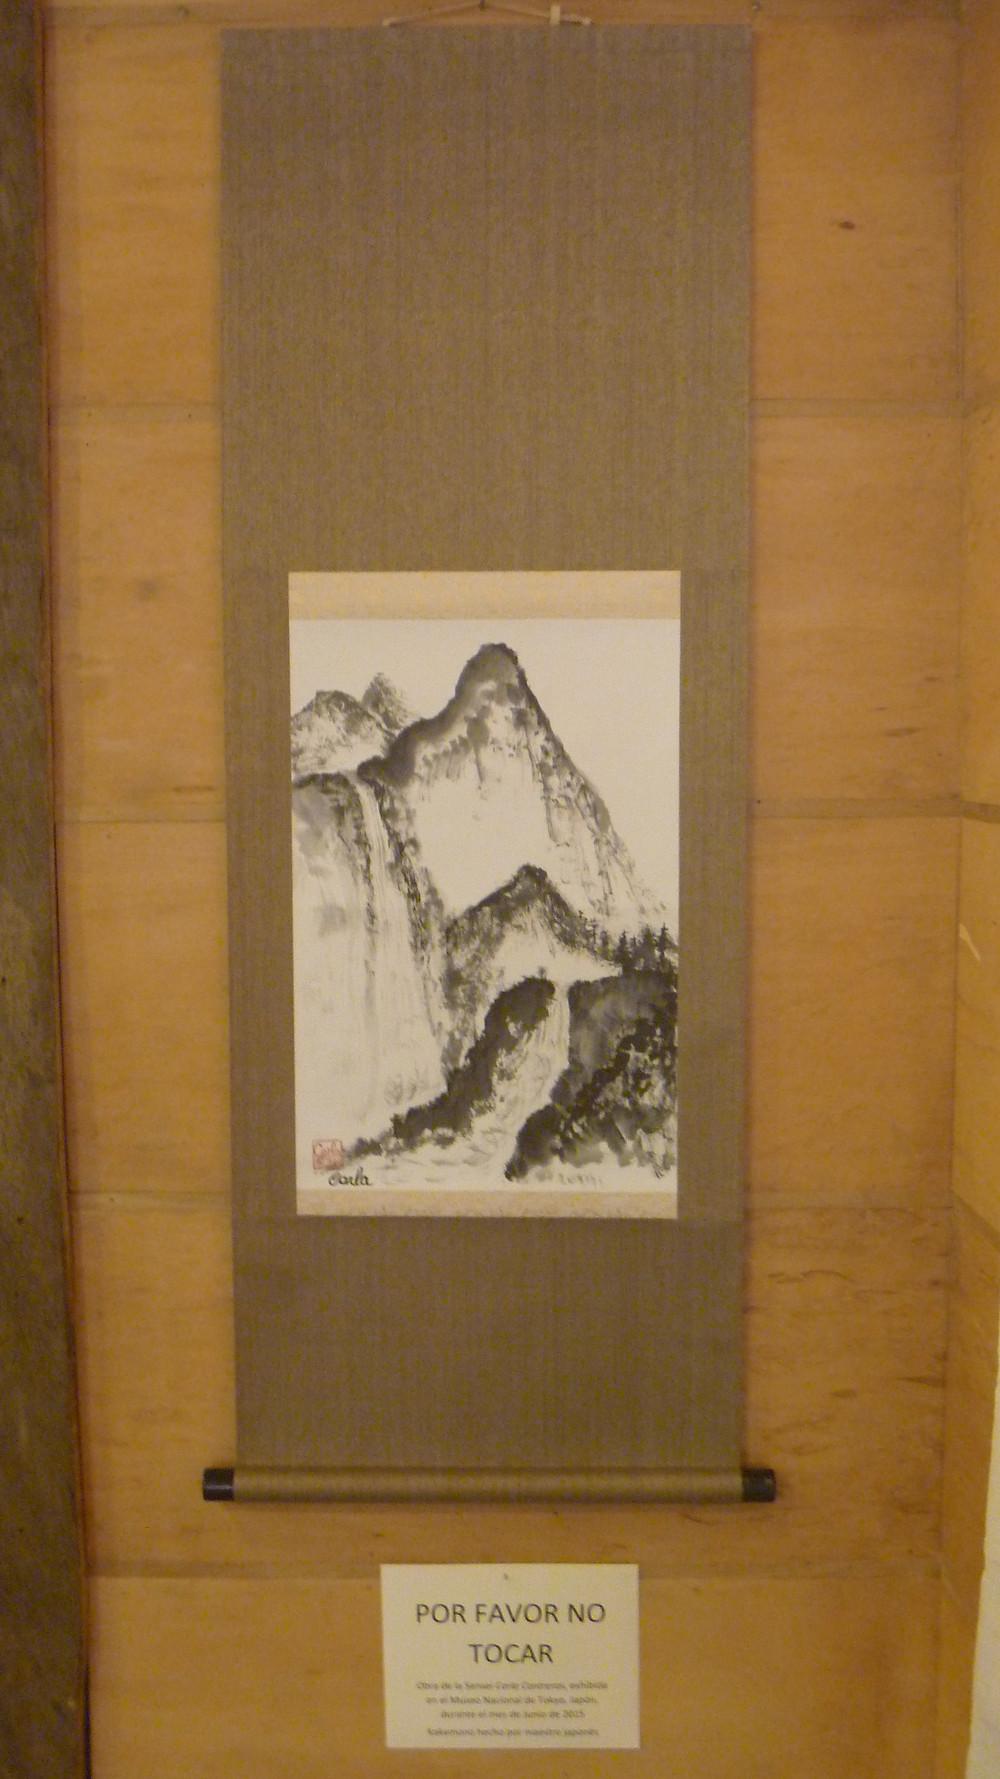 Obra de Carla Contreras, que fue expuesta en el Museo Nacional de Tokio